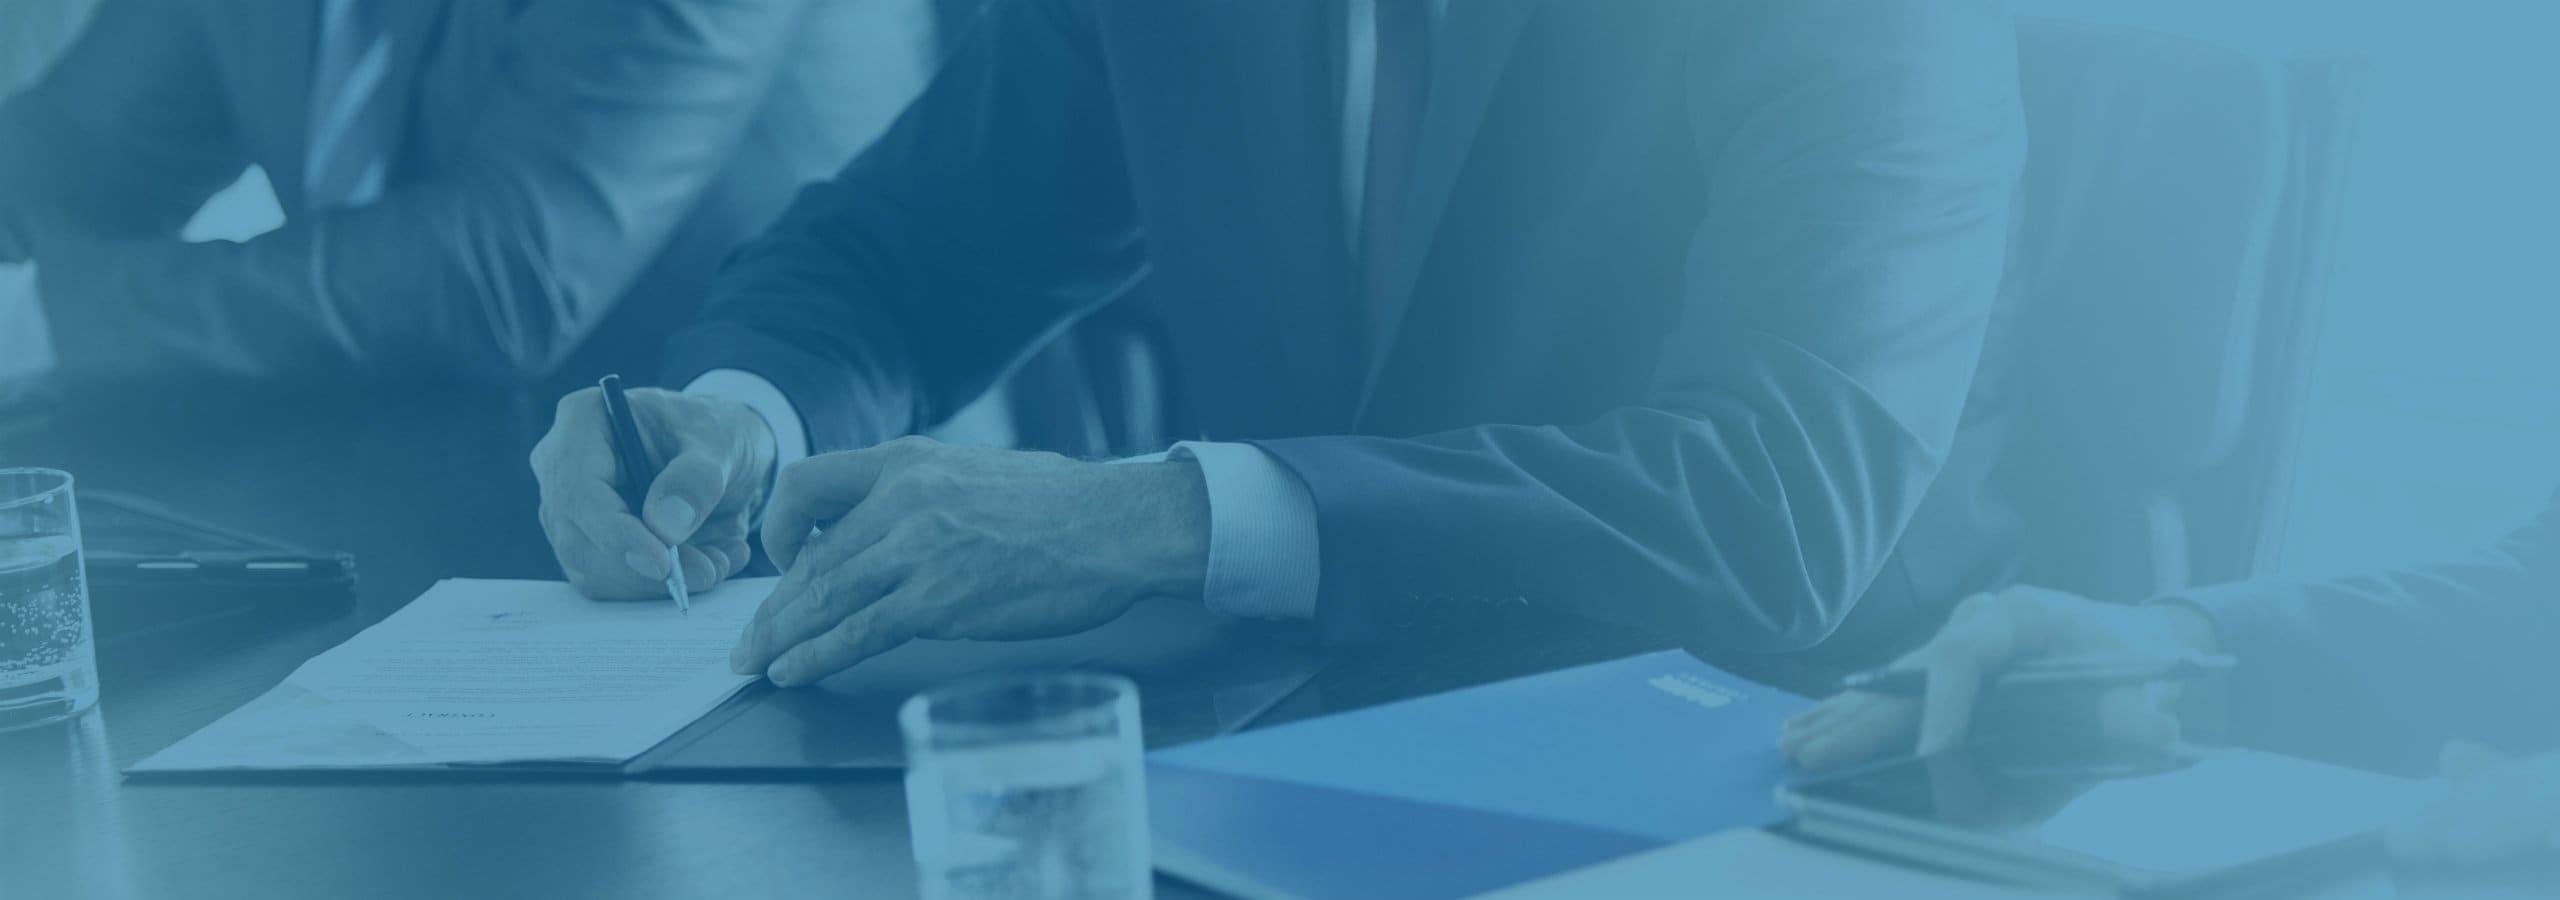 Spørgsmål og svar som interim manager